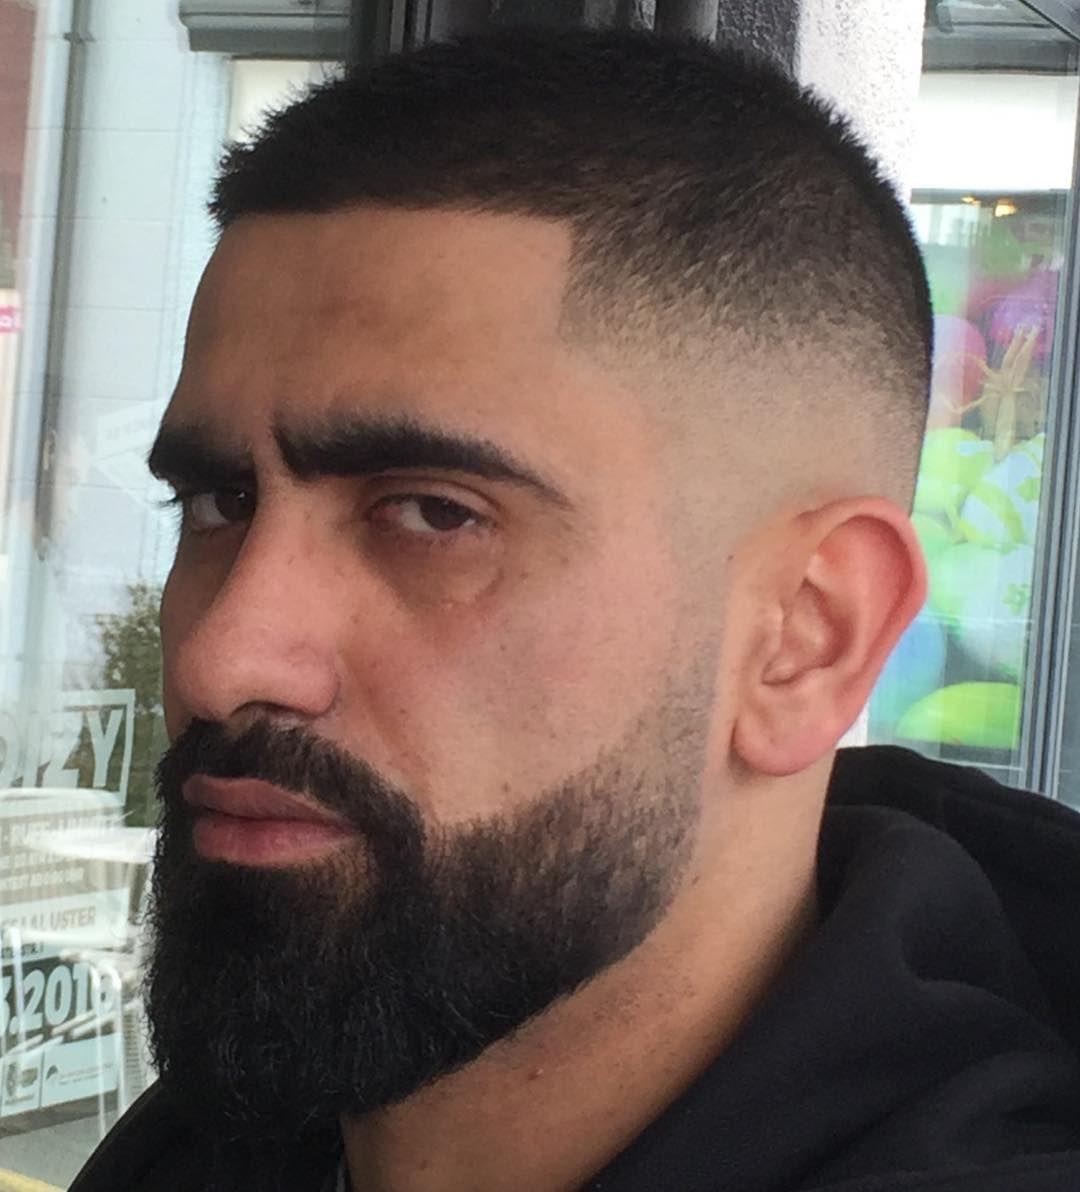 24 Ultra Moderne Kurze Frisuren Mit Bart Frisuren 2019 Neue Haarschnitte Und Haarfarben Kurzhaarfrisur Mit Bart Mannerhaare Haarschnitt Manner